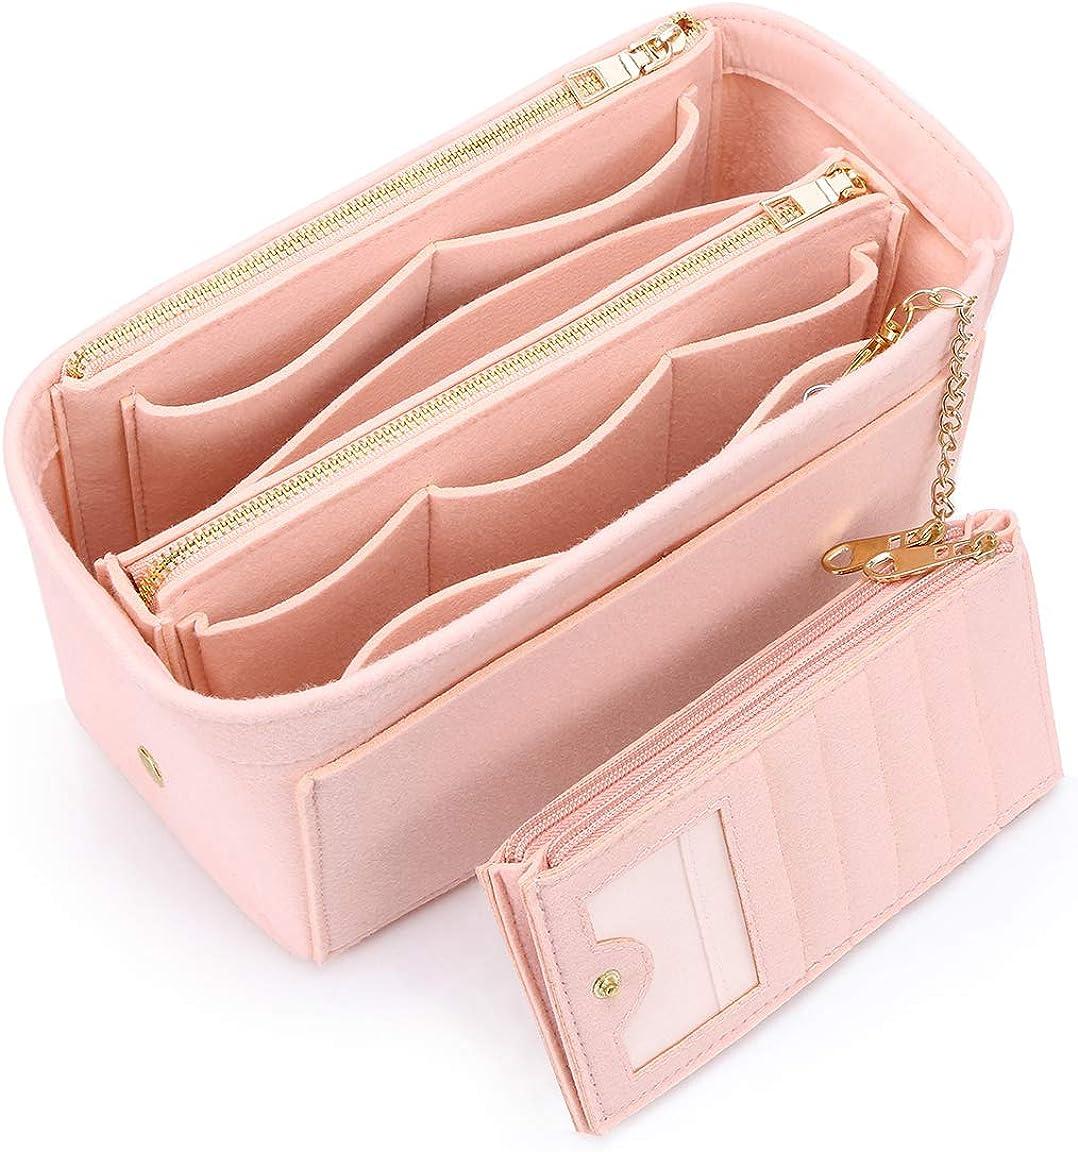 VANCORE バッグインバッグ 軽量 自立 Bag in Bag フェルト チャック付き 小さめ 大きめ バッグの中 整理 整頓 通勤 旅行 ピンク